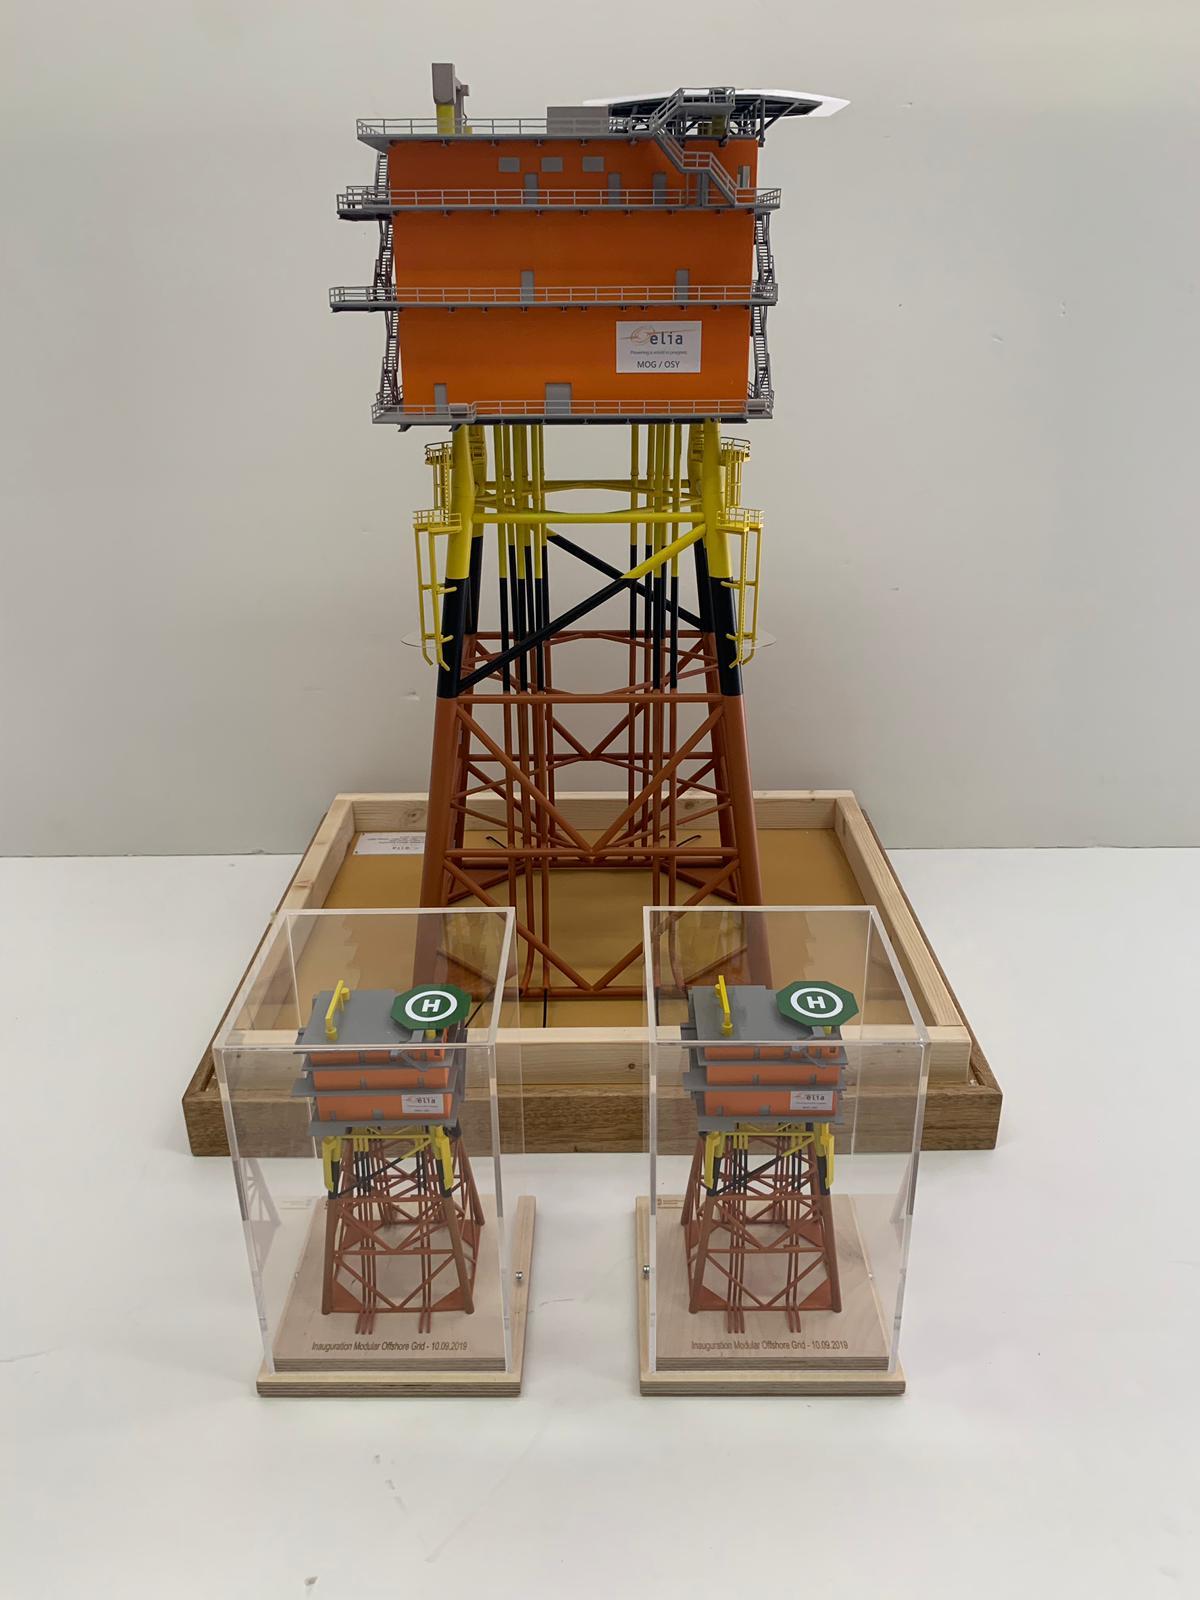 MOG/OSY Offshore Model